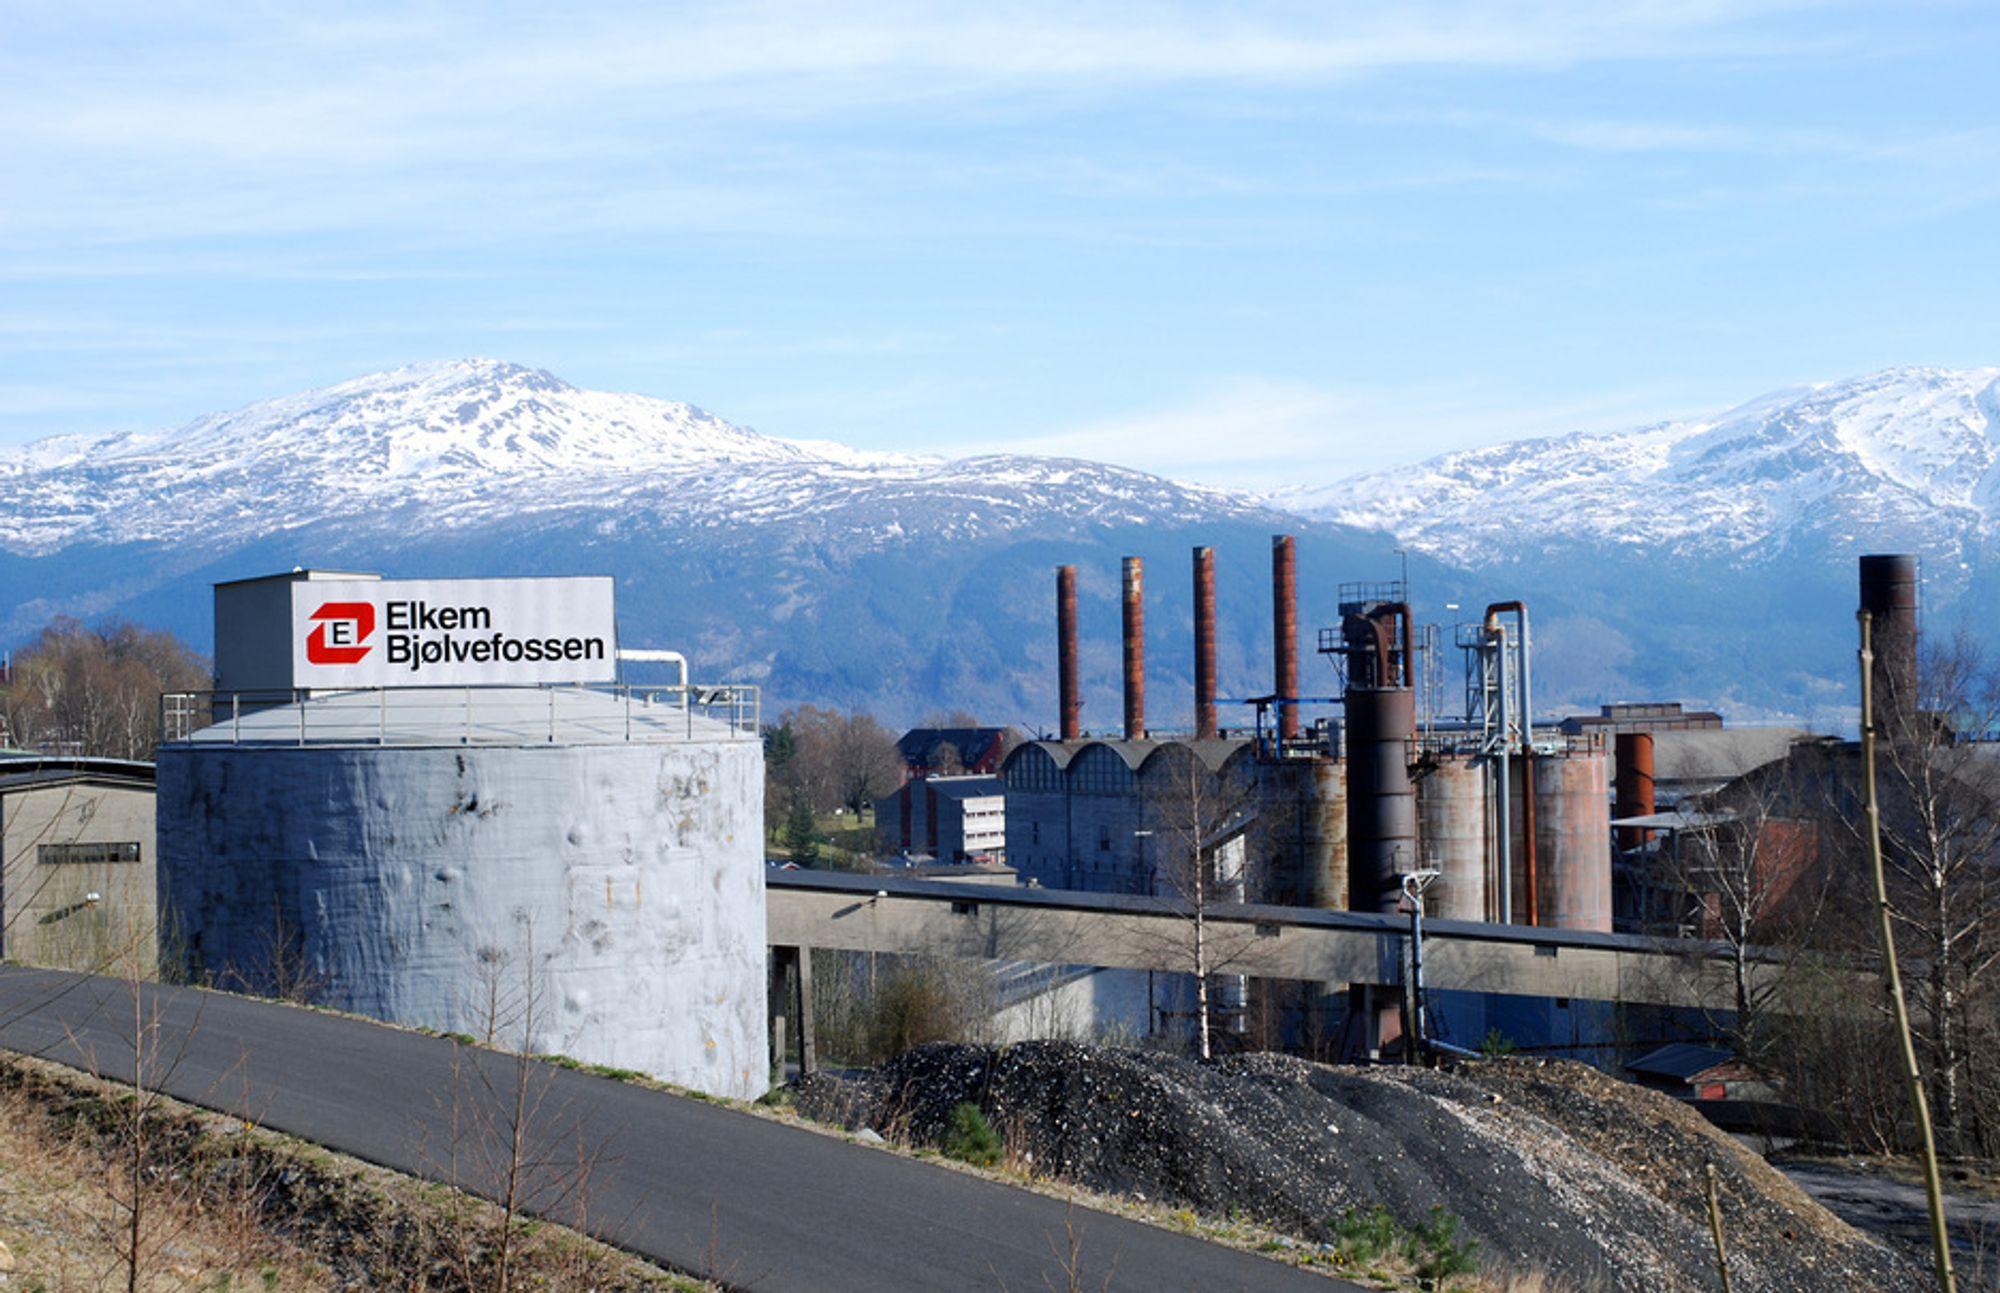 SALG: Elkem har vært i Orklas eie siden 2005. Nå sier kilder at selskapet selges til Kina.